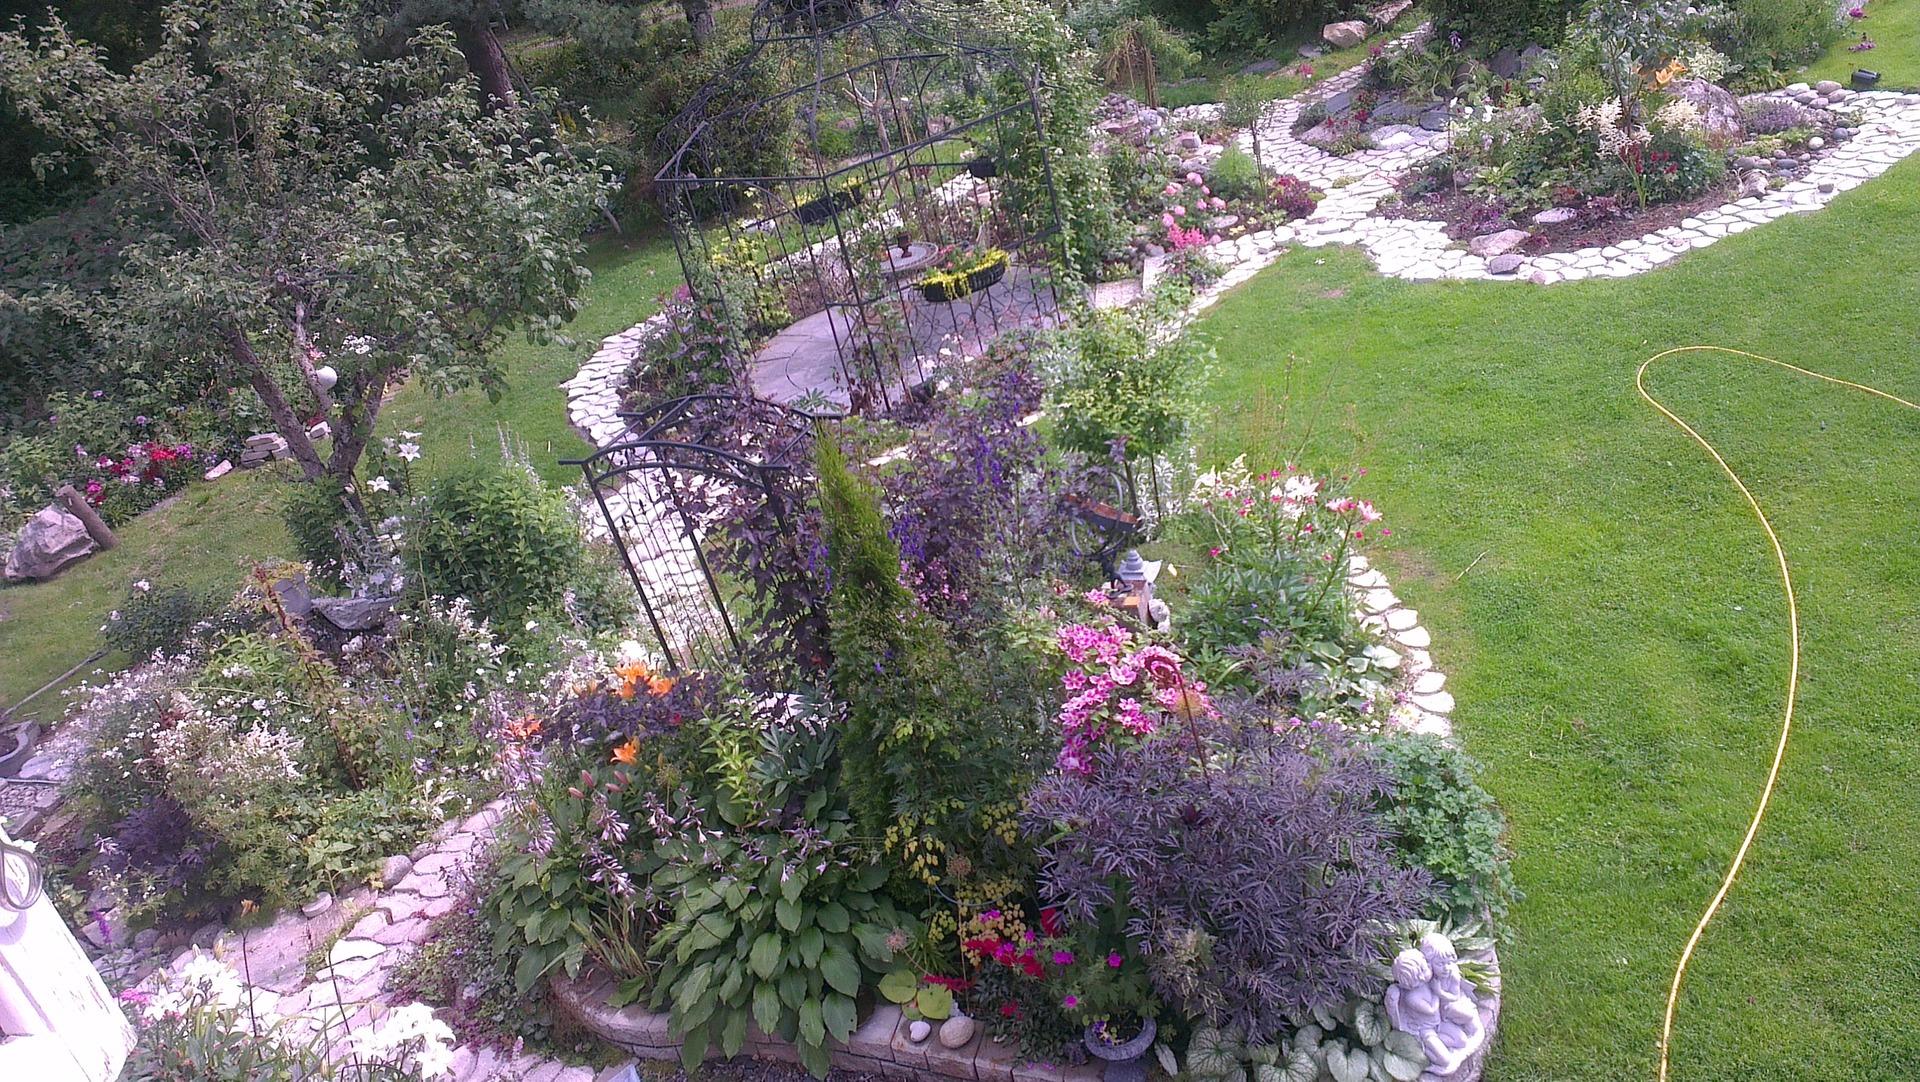 Utsikt   rabatter, perenner och annueller   trädgård ifokus